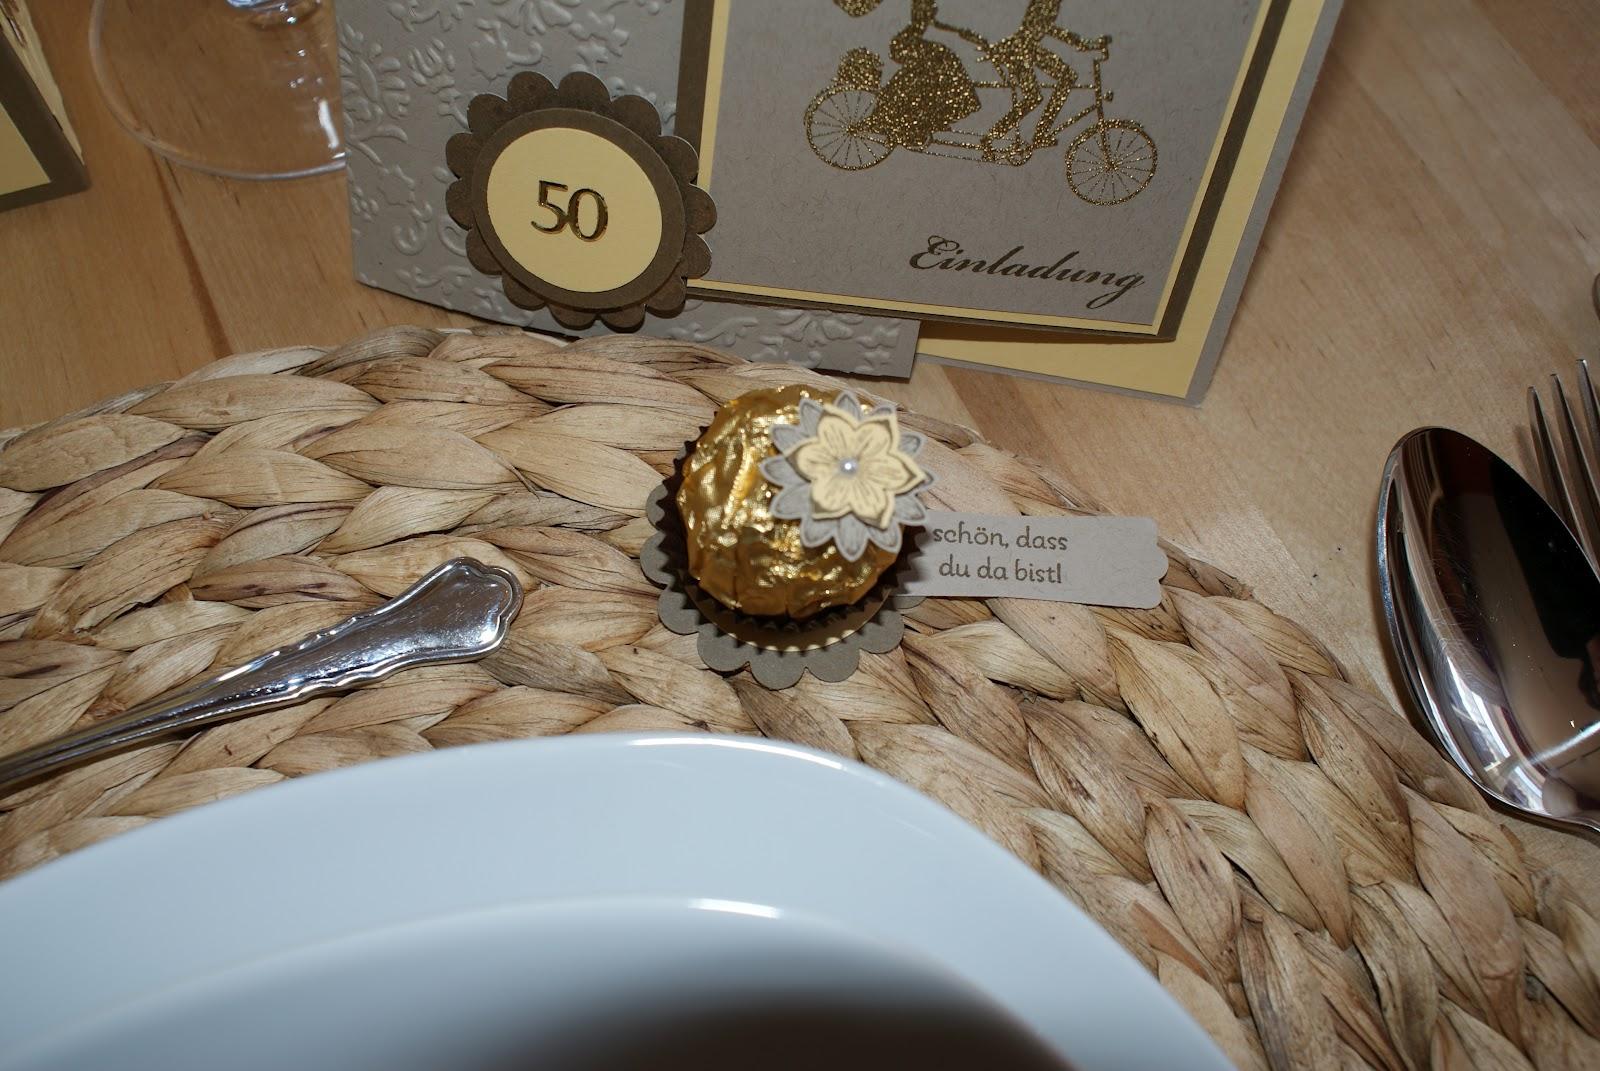 Goldene Hochzeit Geschenke Ideen Dekoreenberlin Geschenke Zur